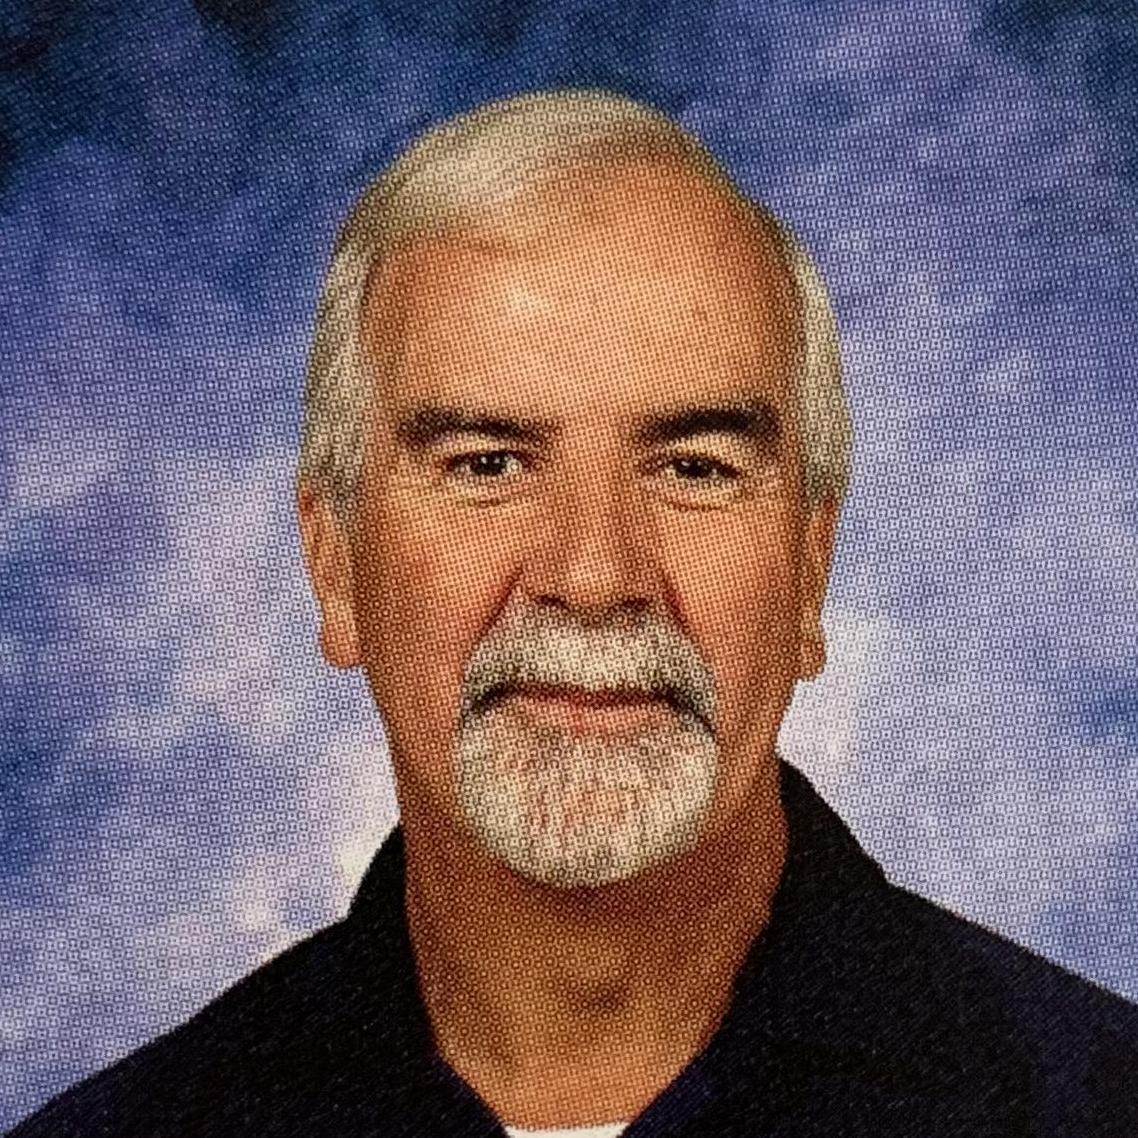 Thomas Kane's Profile Photo